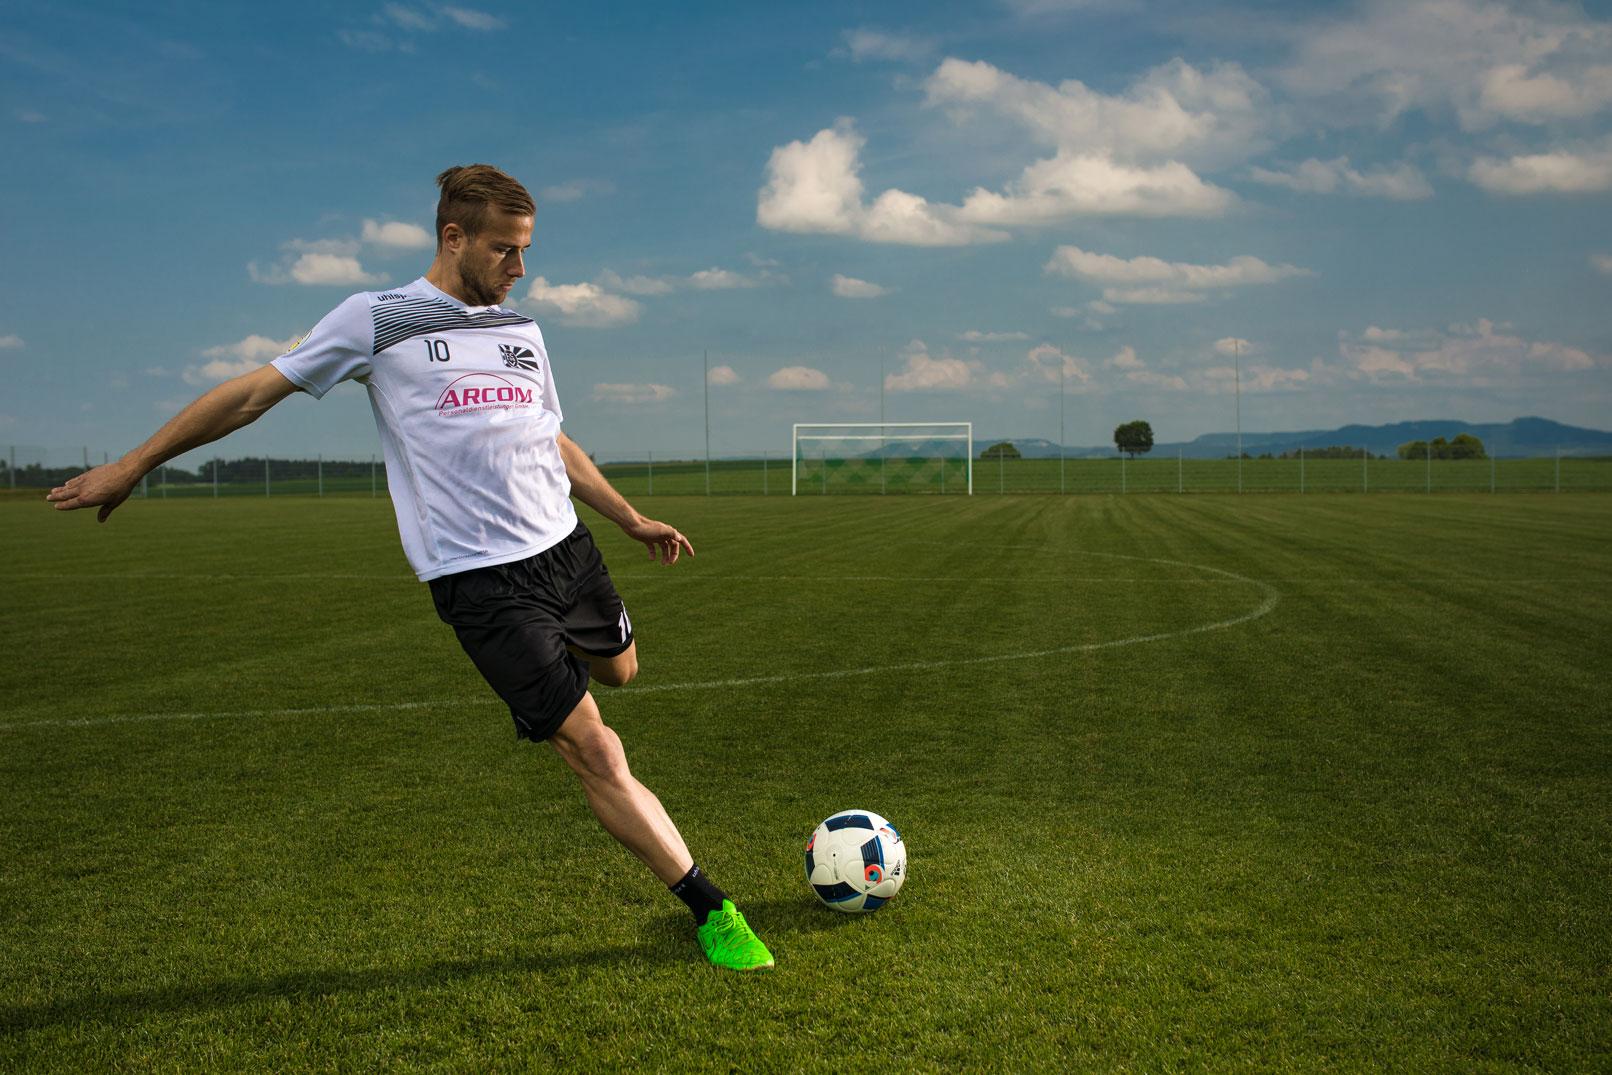 Tipps zur Sportfotografie: Beispiel Fußball